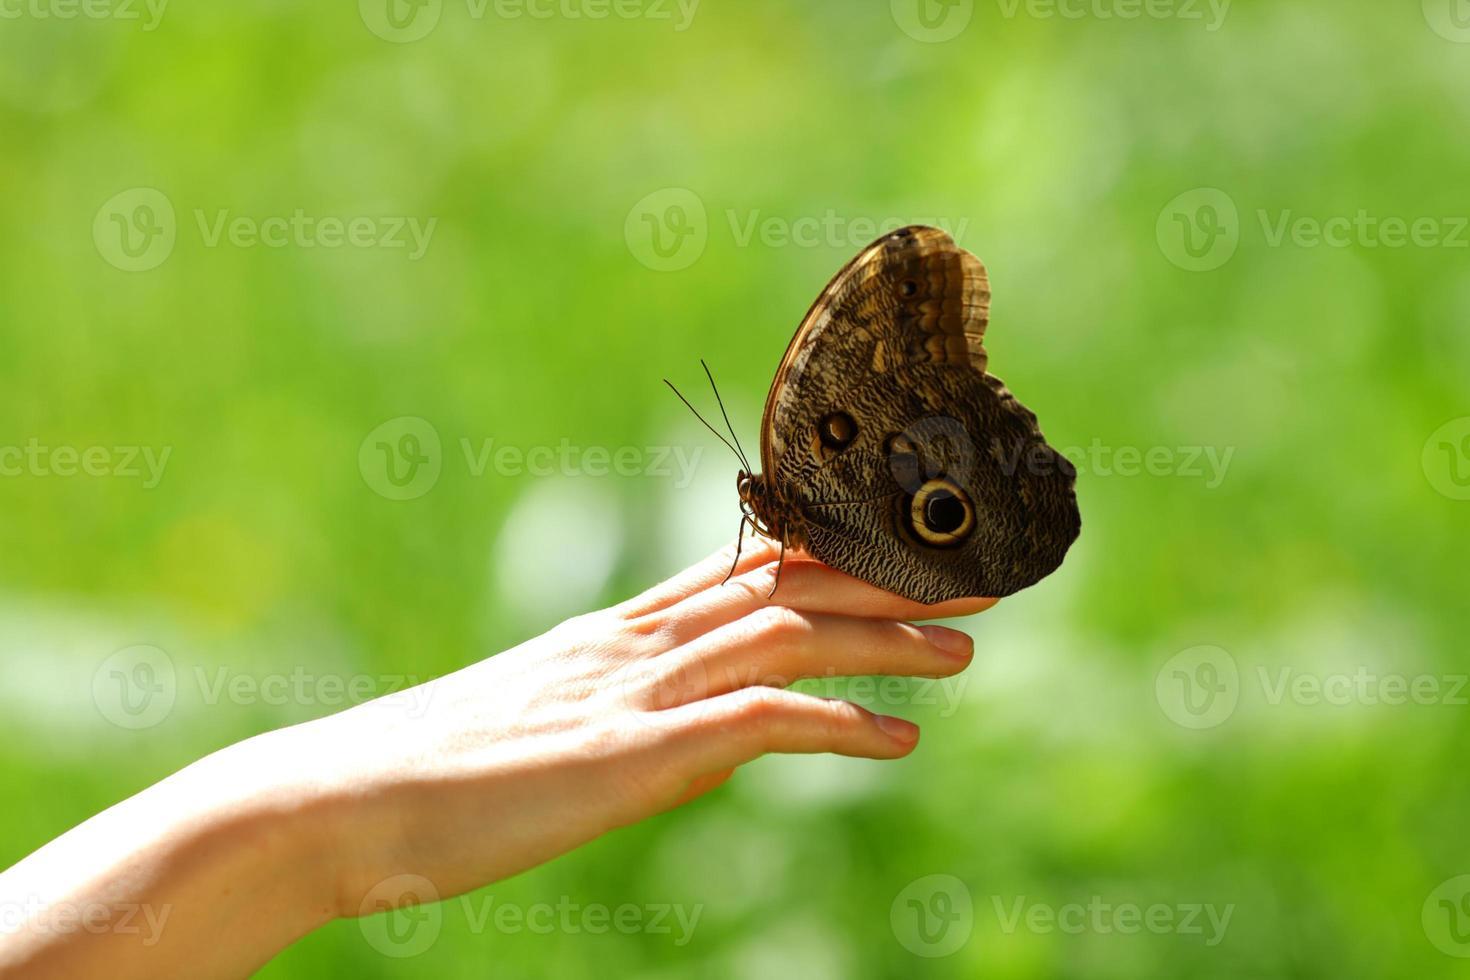 borboleta em uma mão feminina foto